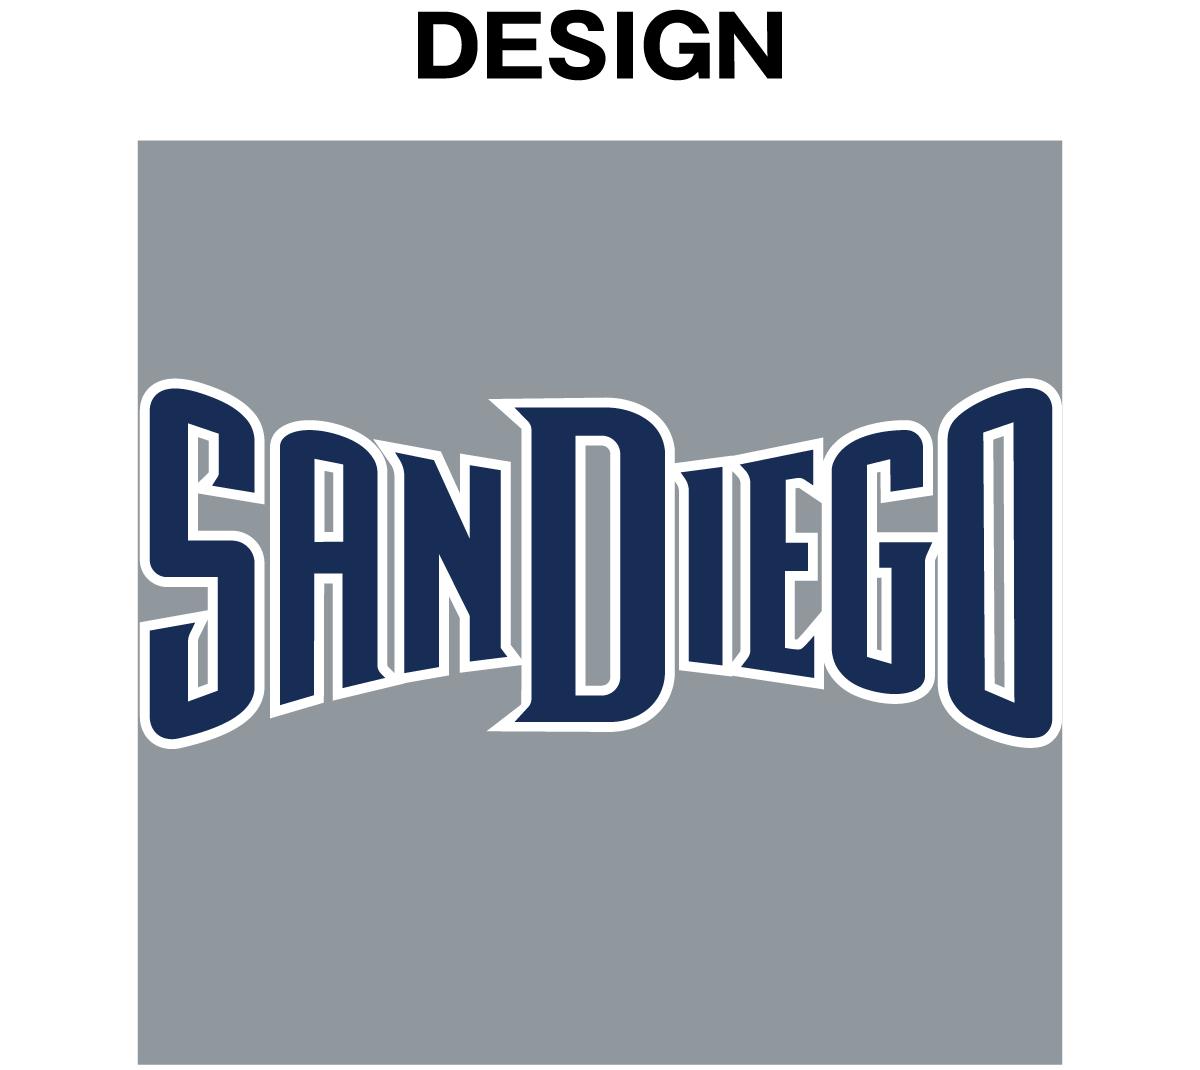 オリジナルカレッジロゴ